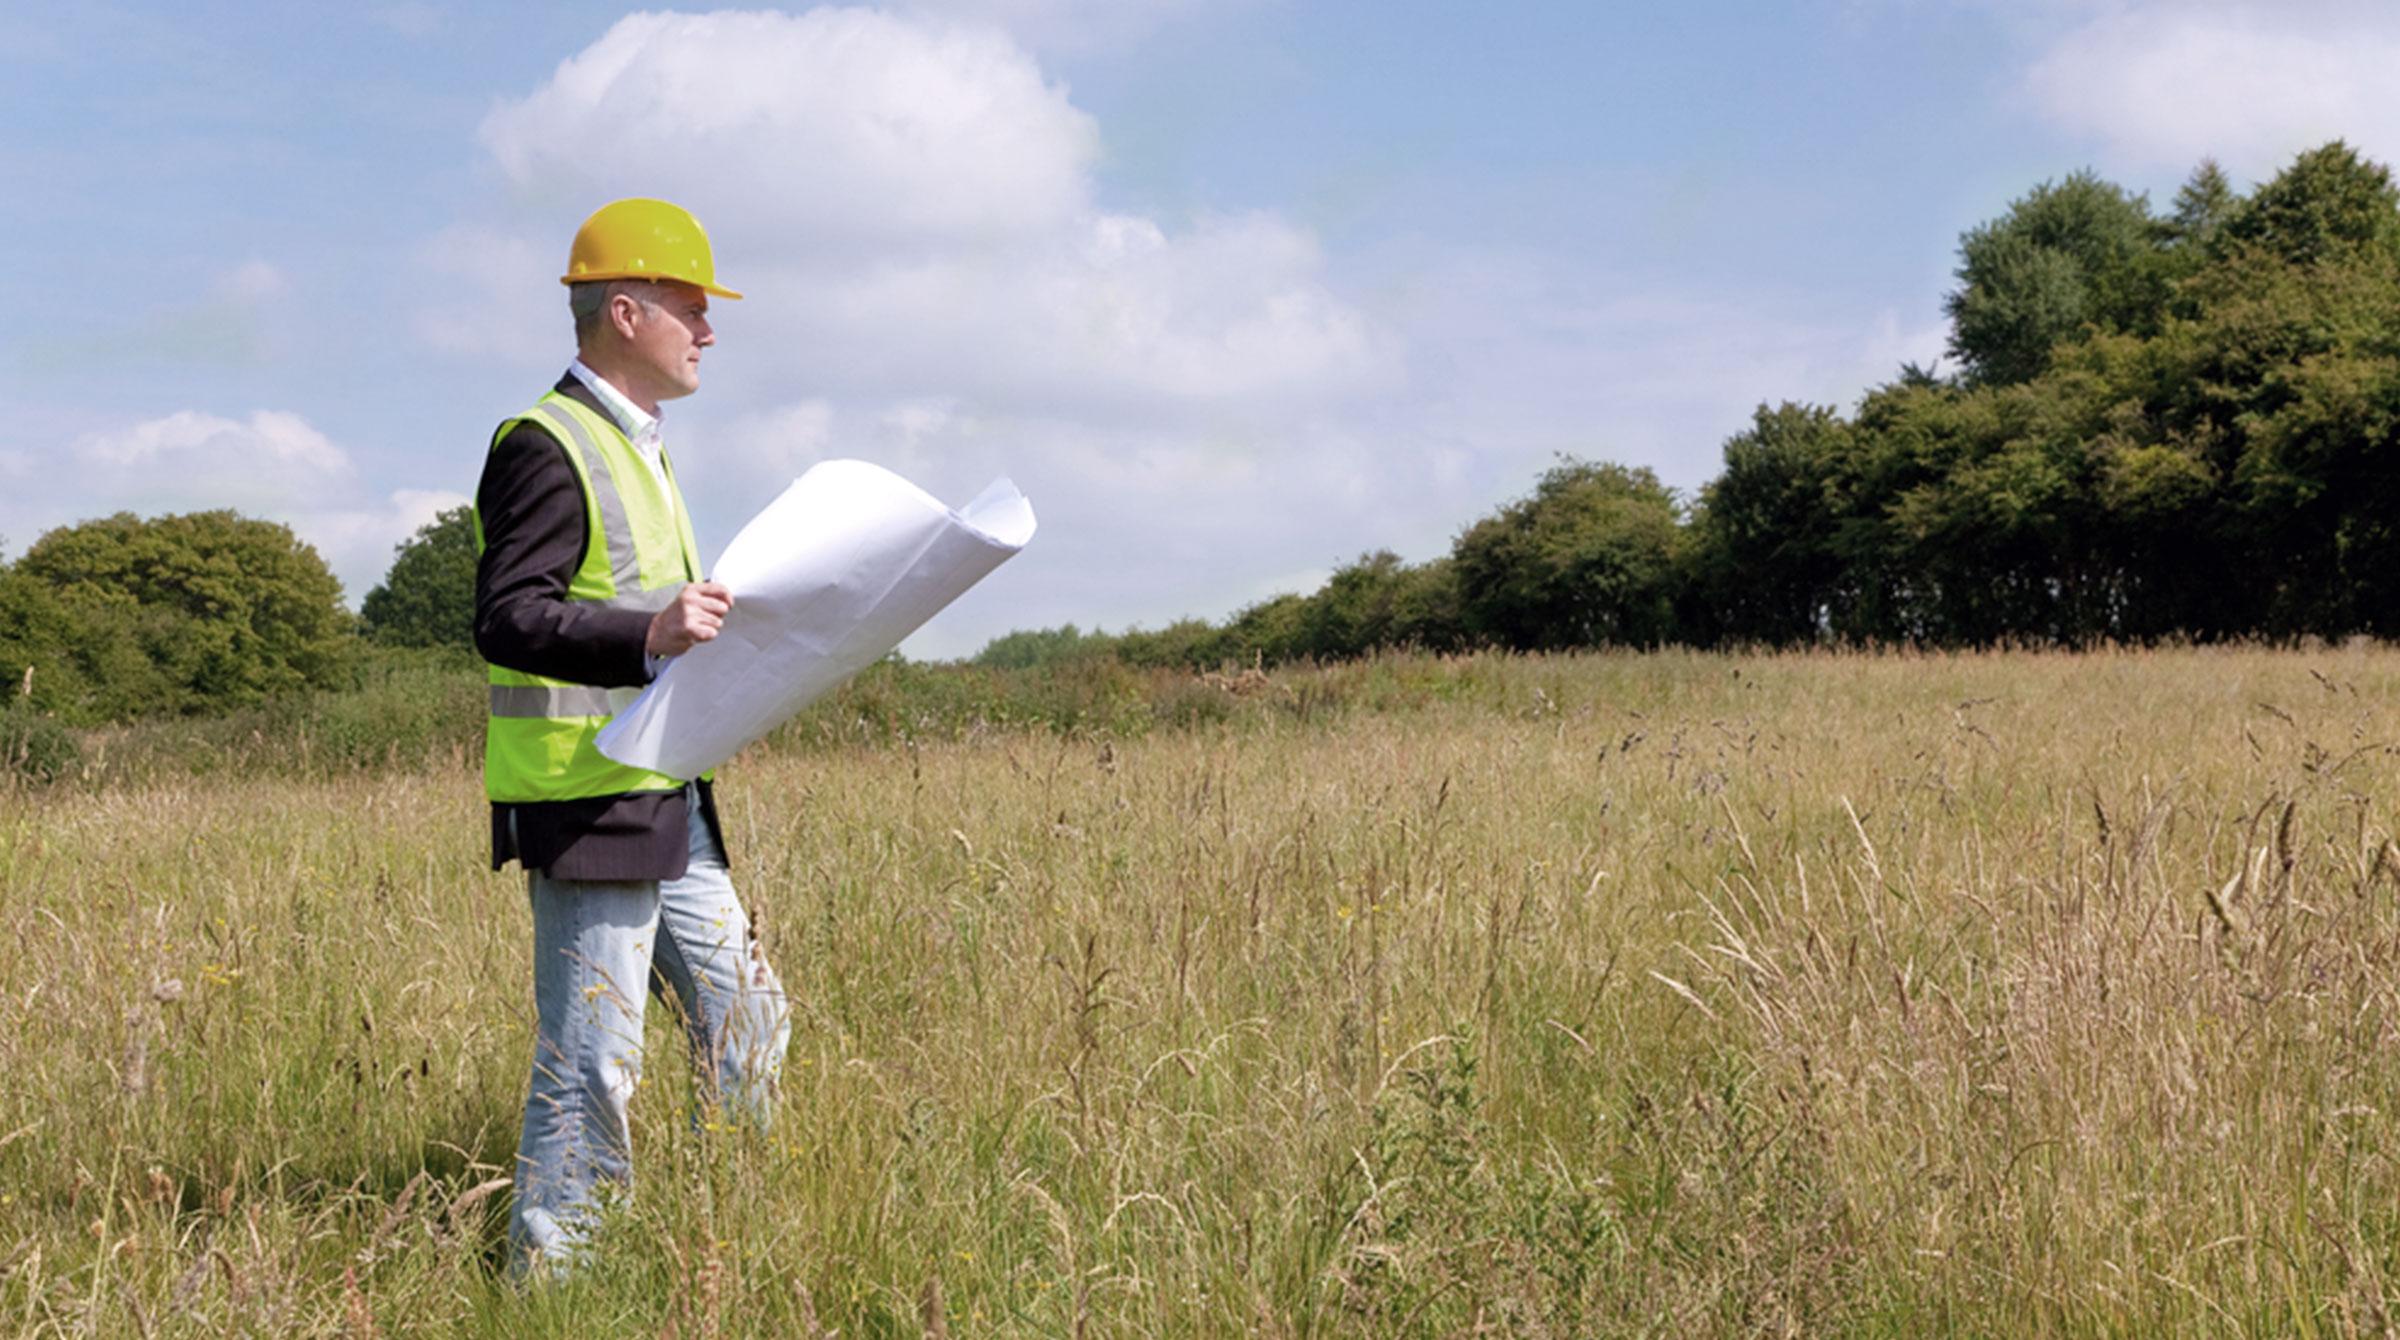 Introbild Grundstücksfinanzierung